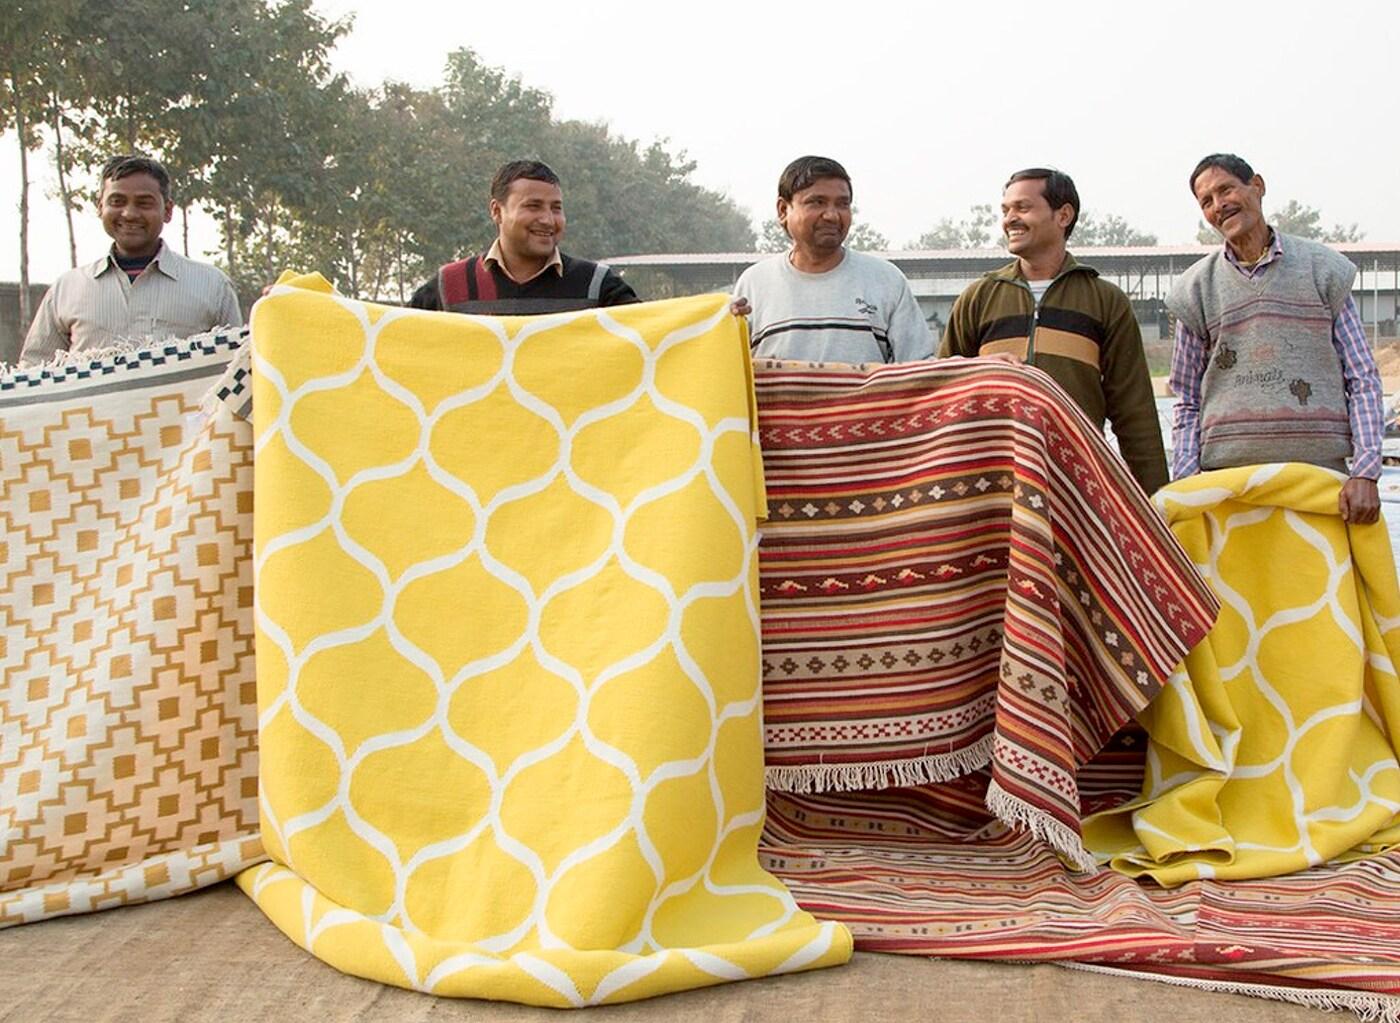 さまざまな手織りラグを持つ男性たち。